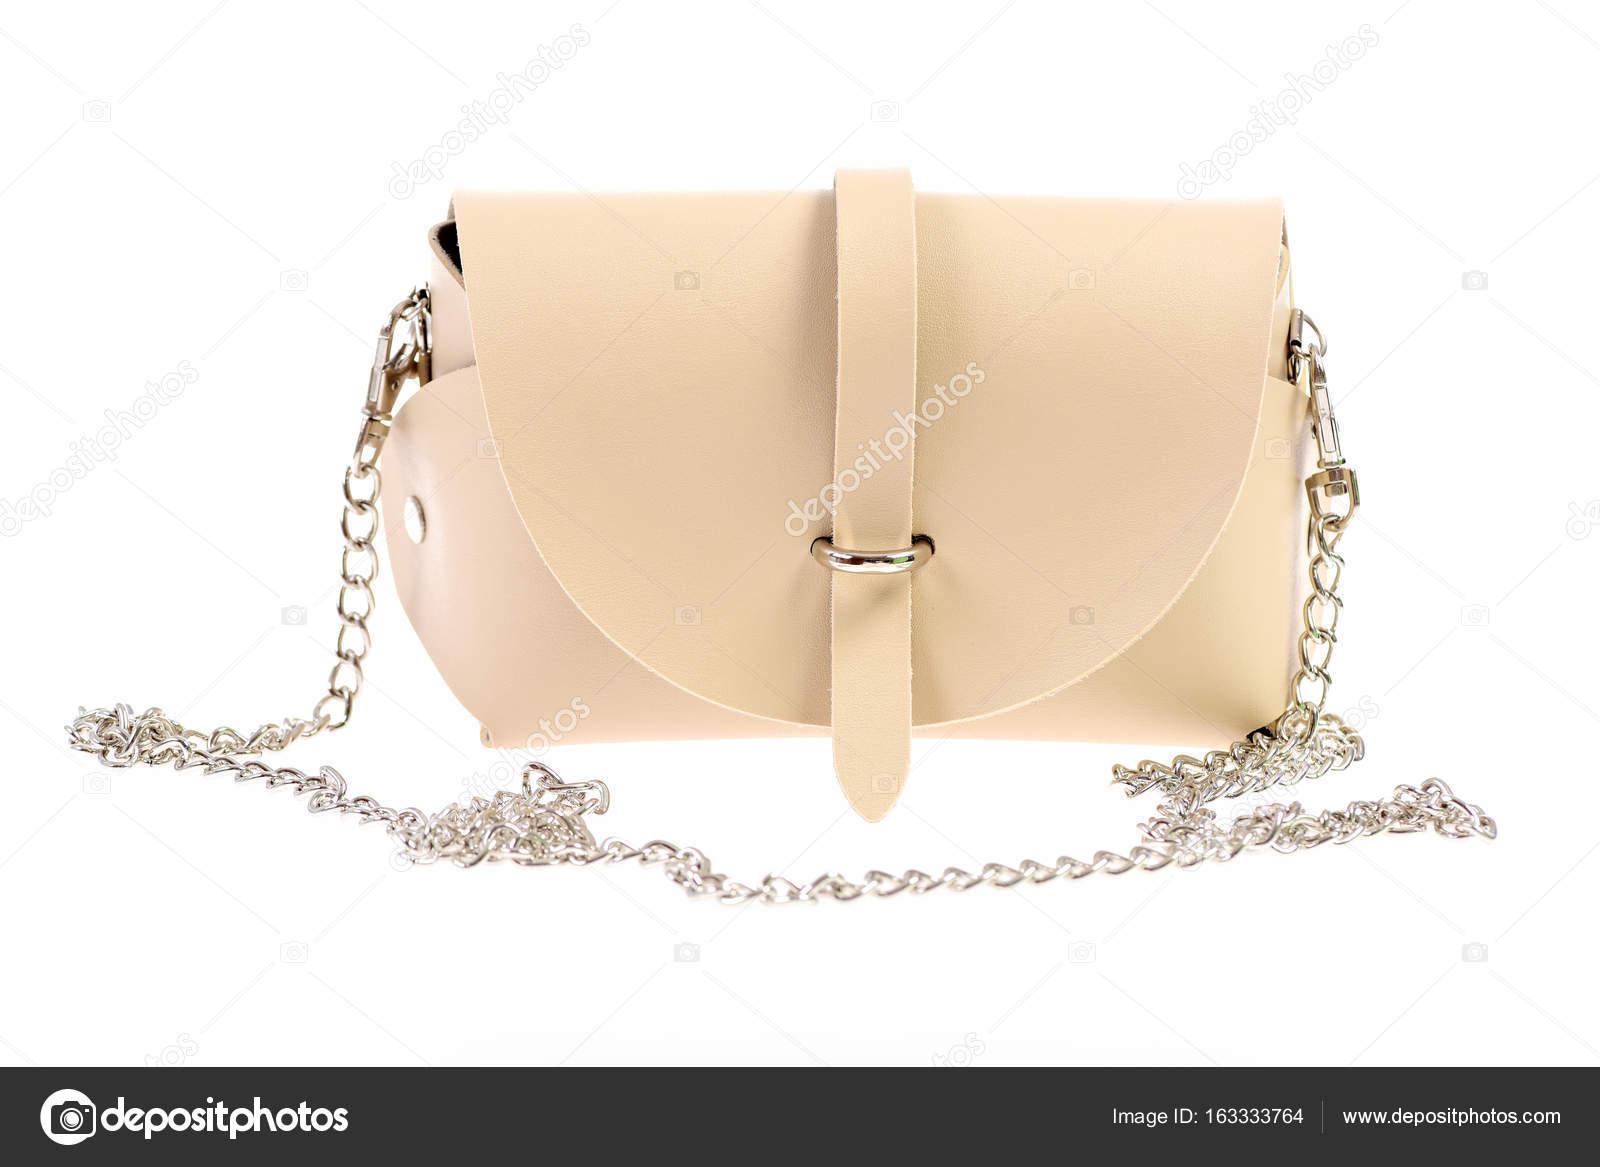 acca68c4461de Beżowa torebka z łańcucha. Dorywczo kobiece torba na ramię, zbliżenie.  Koncepcja moda. Torebka skórzana na białym tle — Zdjęcie od ...